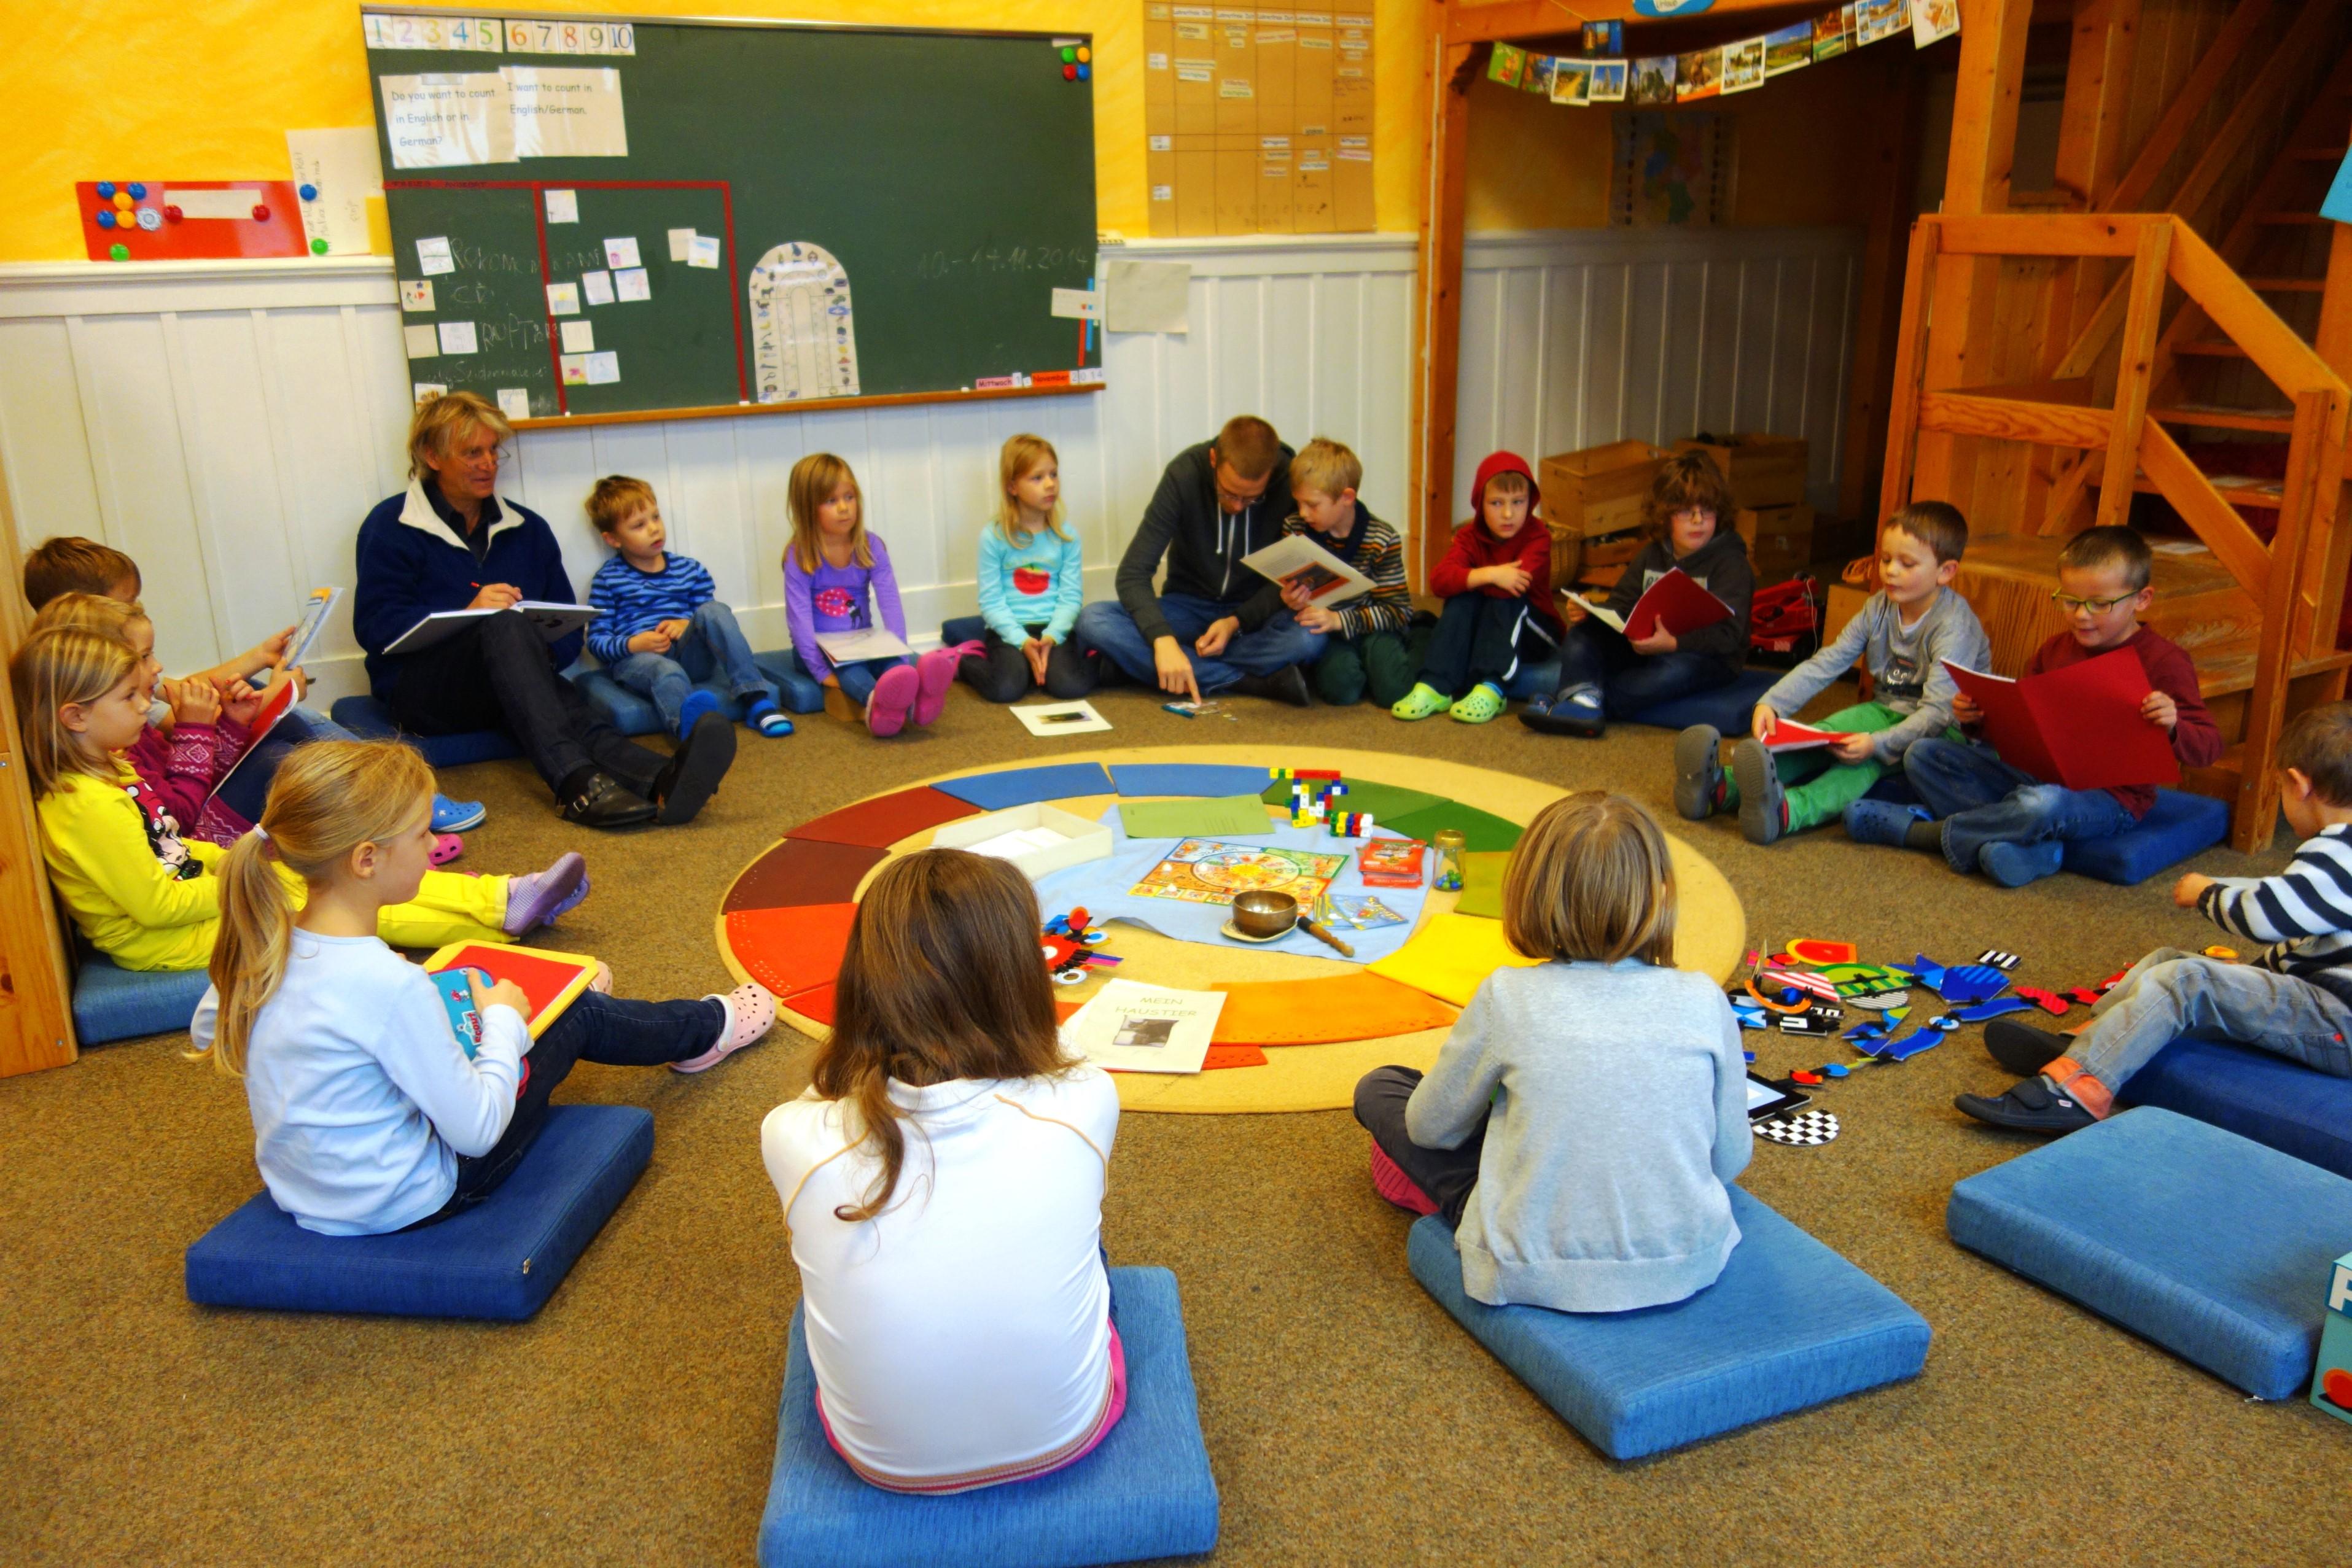 Sitzkreis grundschule  Nachrichten - Freie Schule Seligenstadt